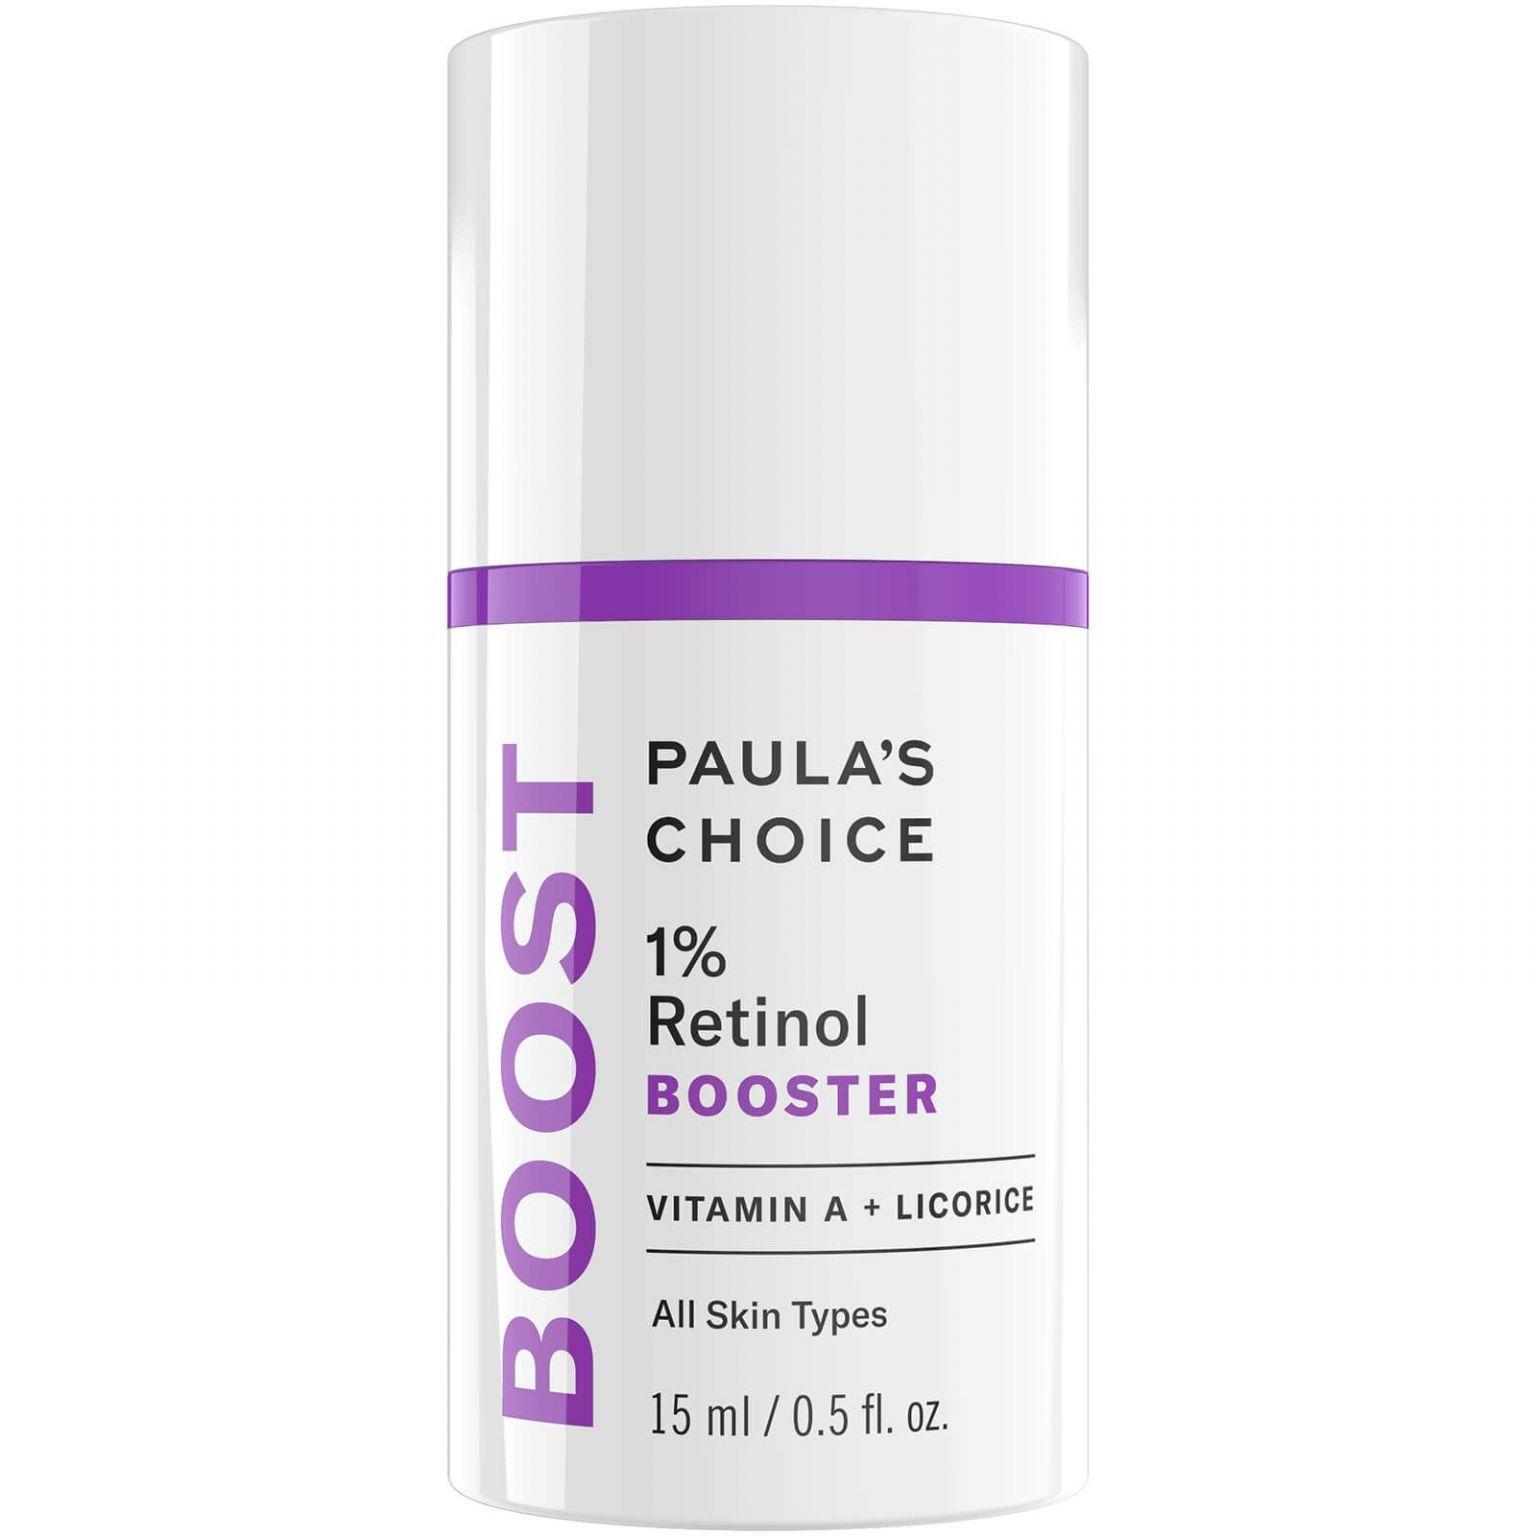 Resist 1% Retinol Booster